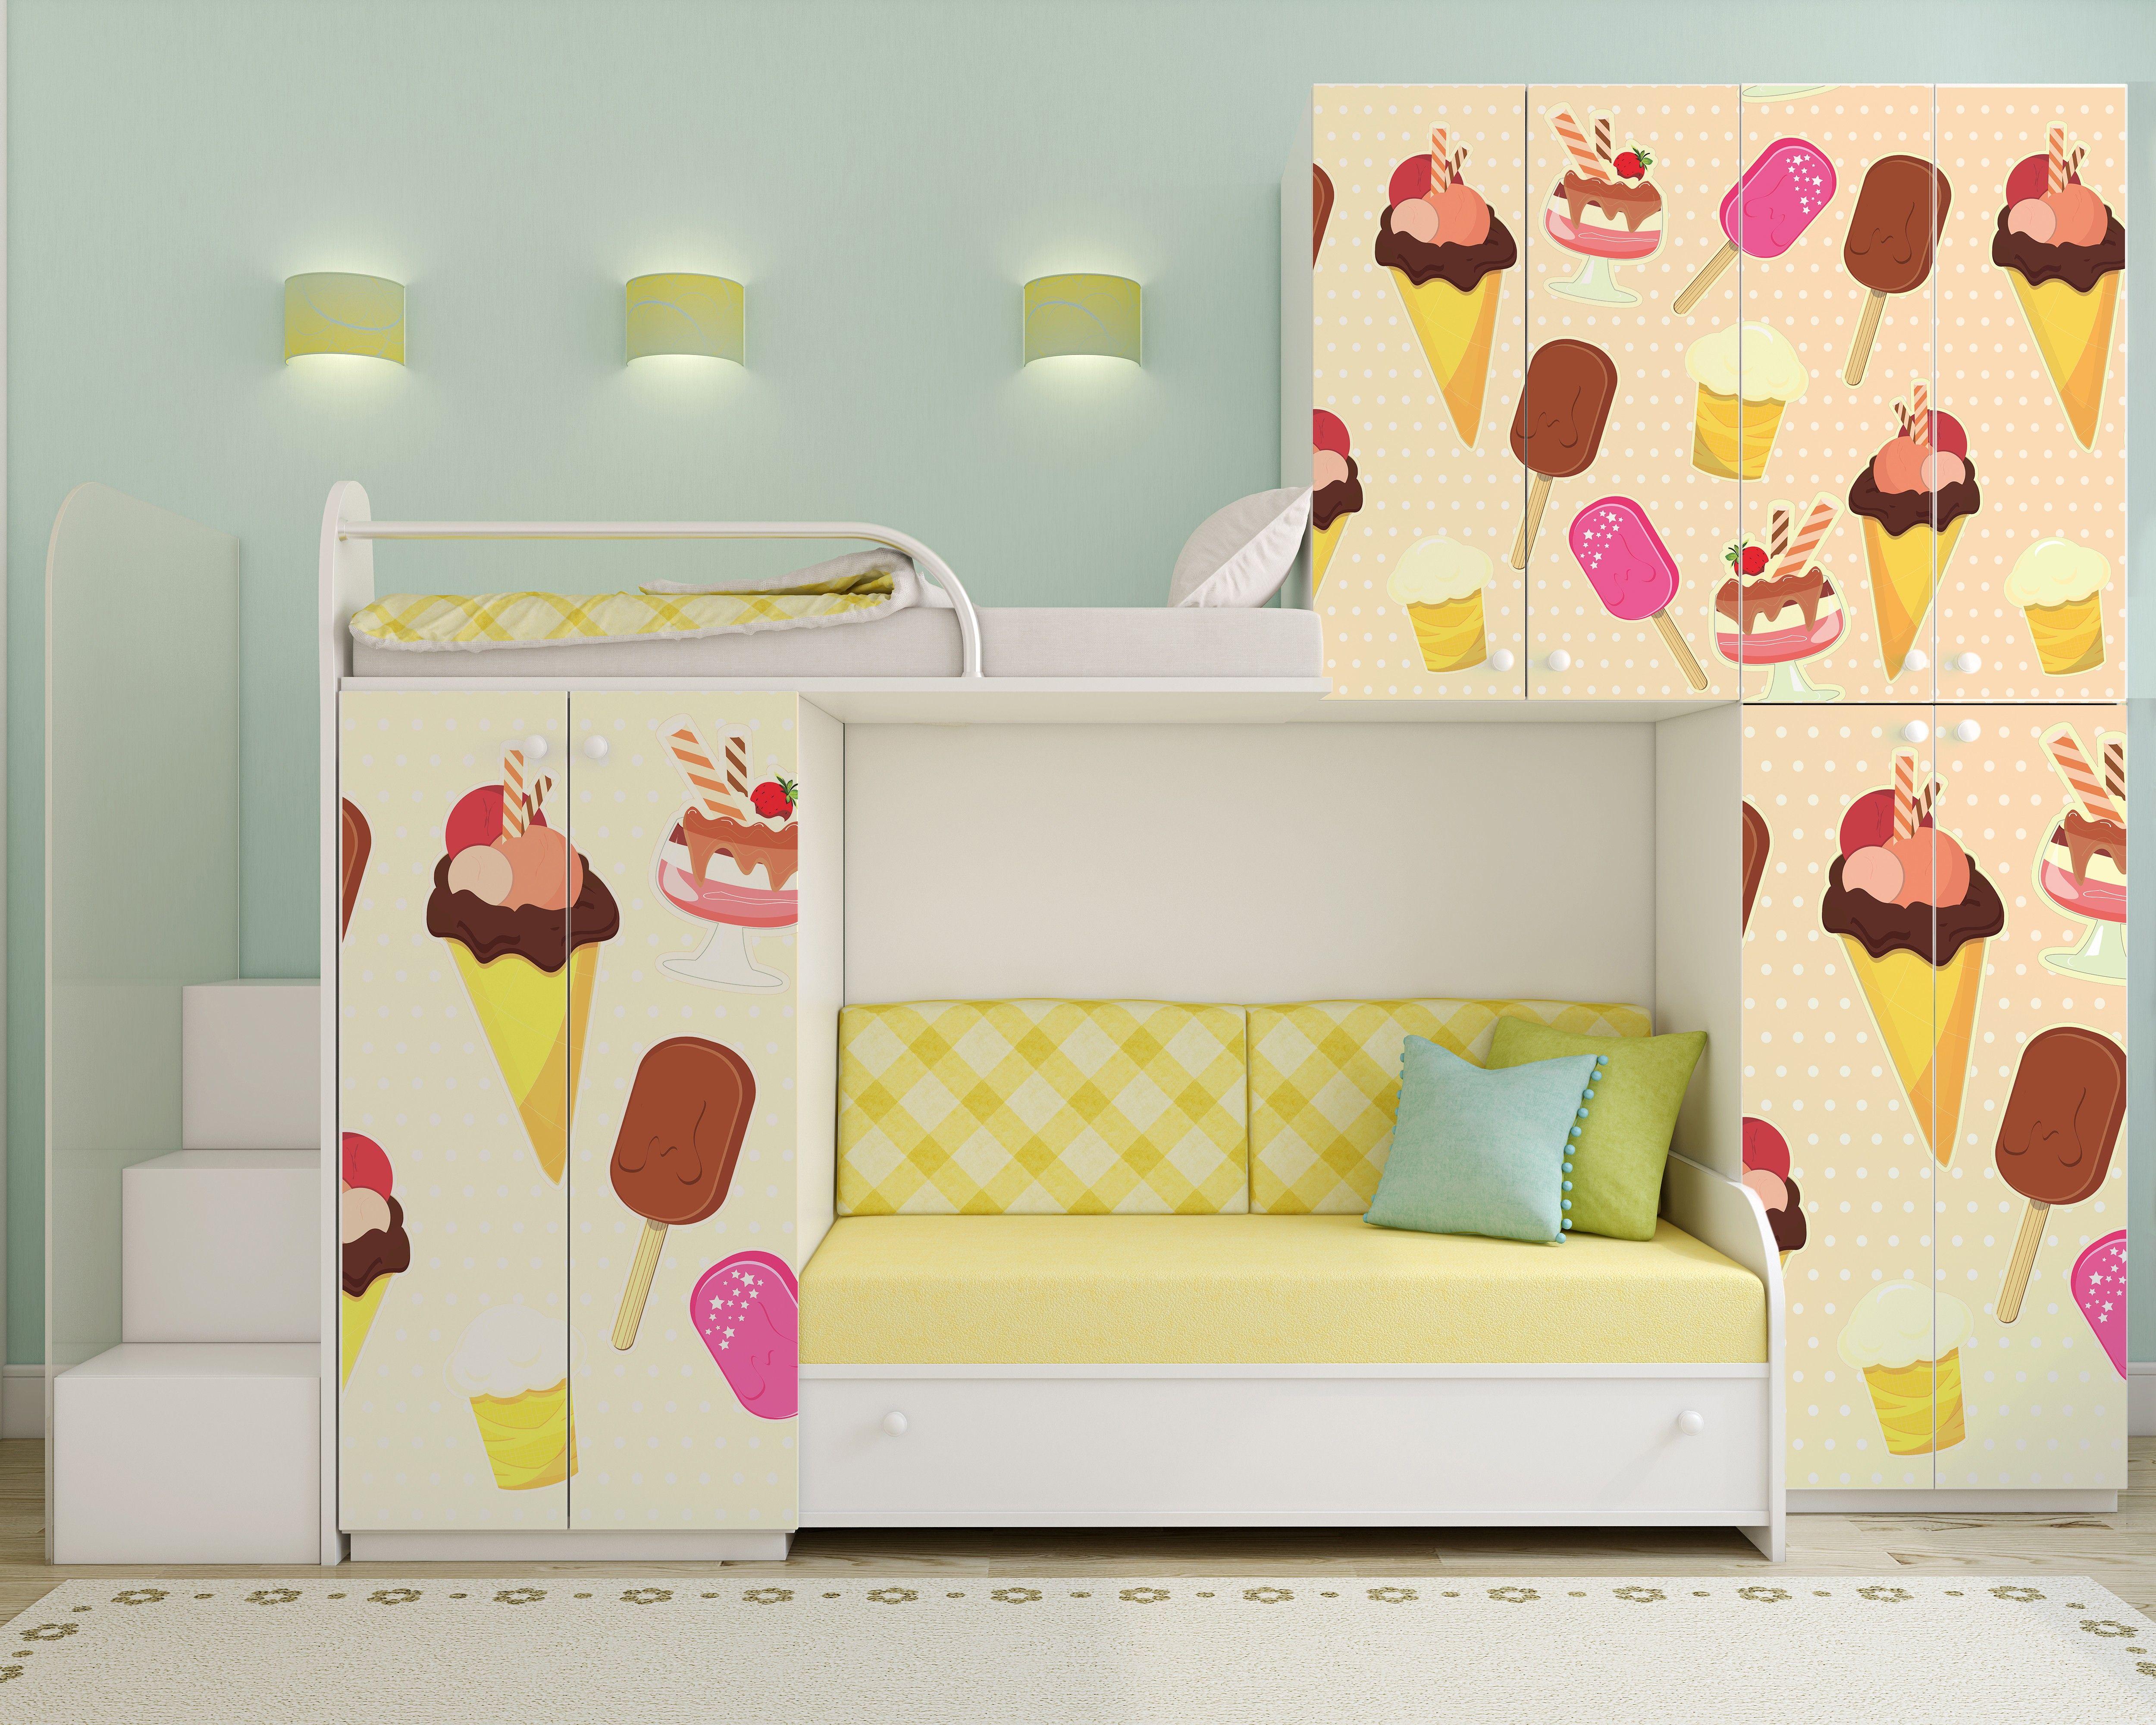 Klebefolie Kinderzimmer ~ Ikea kommode mit kreativen griffen versehen kinderzimmer